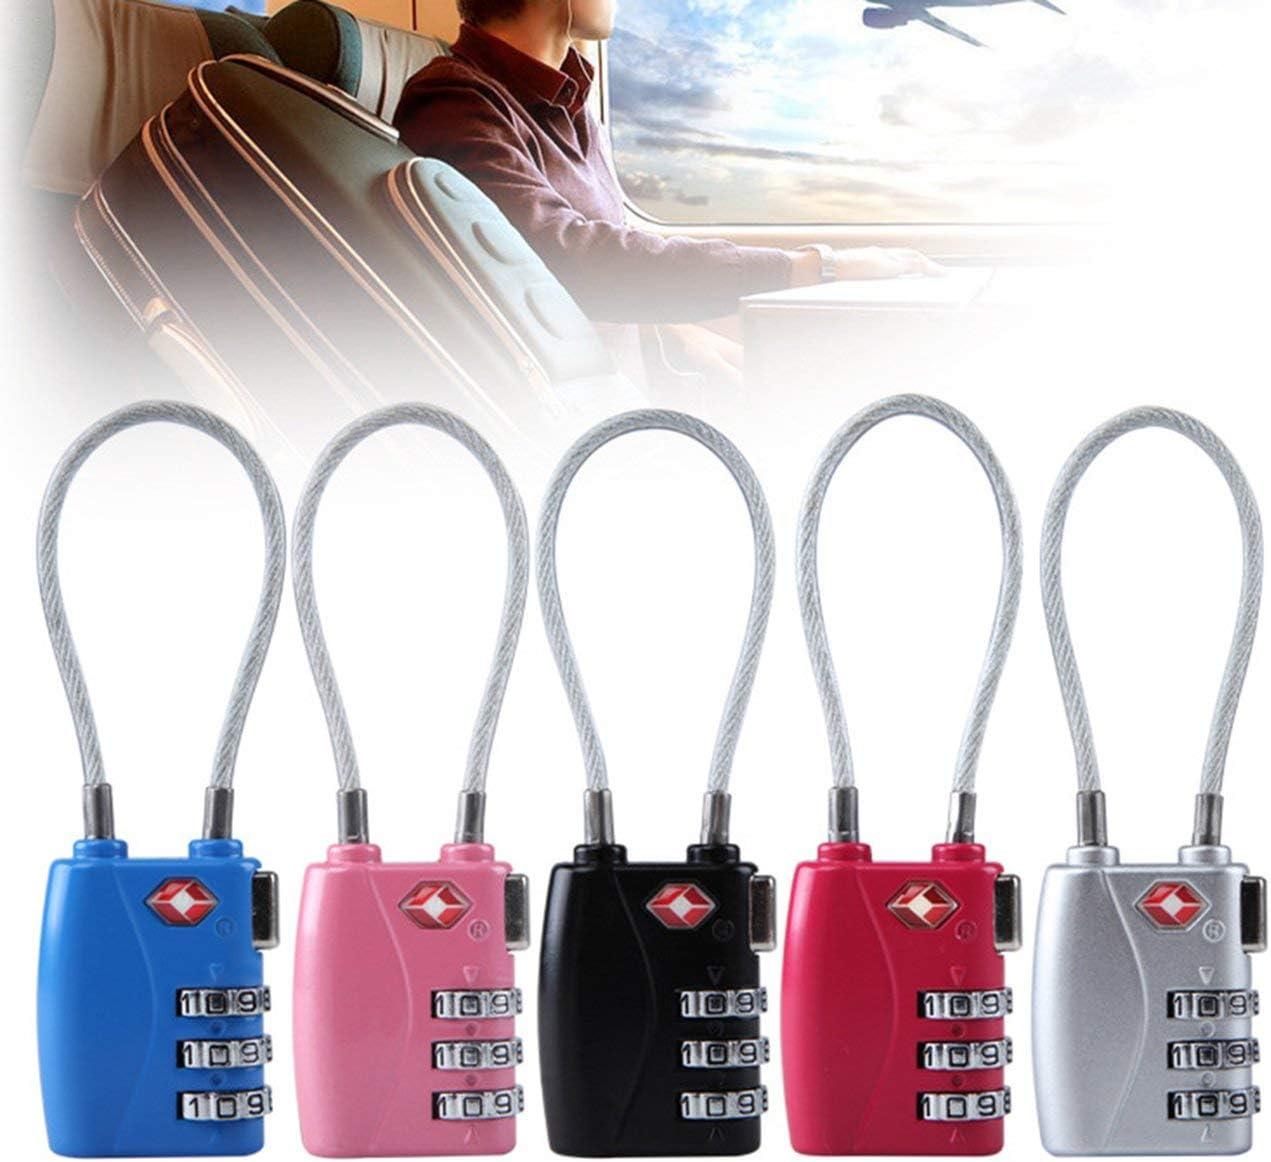 Bleu JIUY TSA719 3 Chiffres Password Lock Gym Locker /école de s/écurit/é de Verrouillage Valise Bagages Coded Verrouillage Armoire Cabinet Locker Padlock